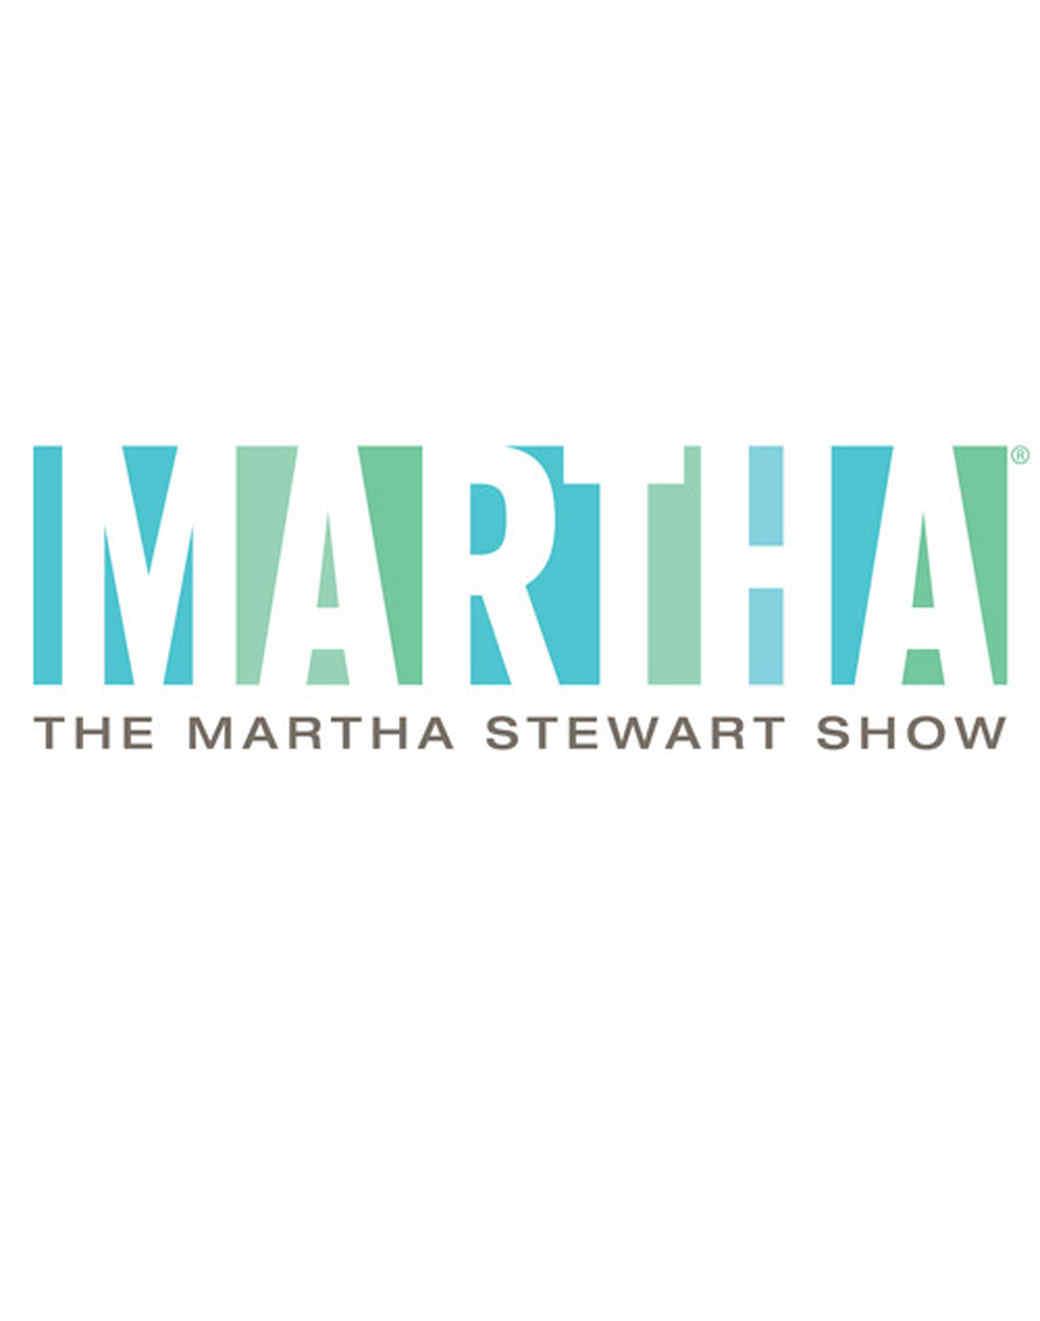 logo_marthastwrtshow_bluegreen.jpg